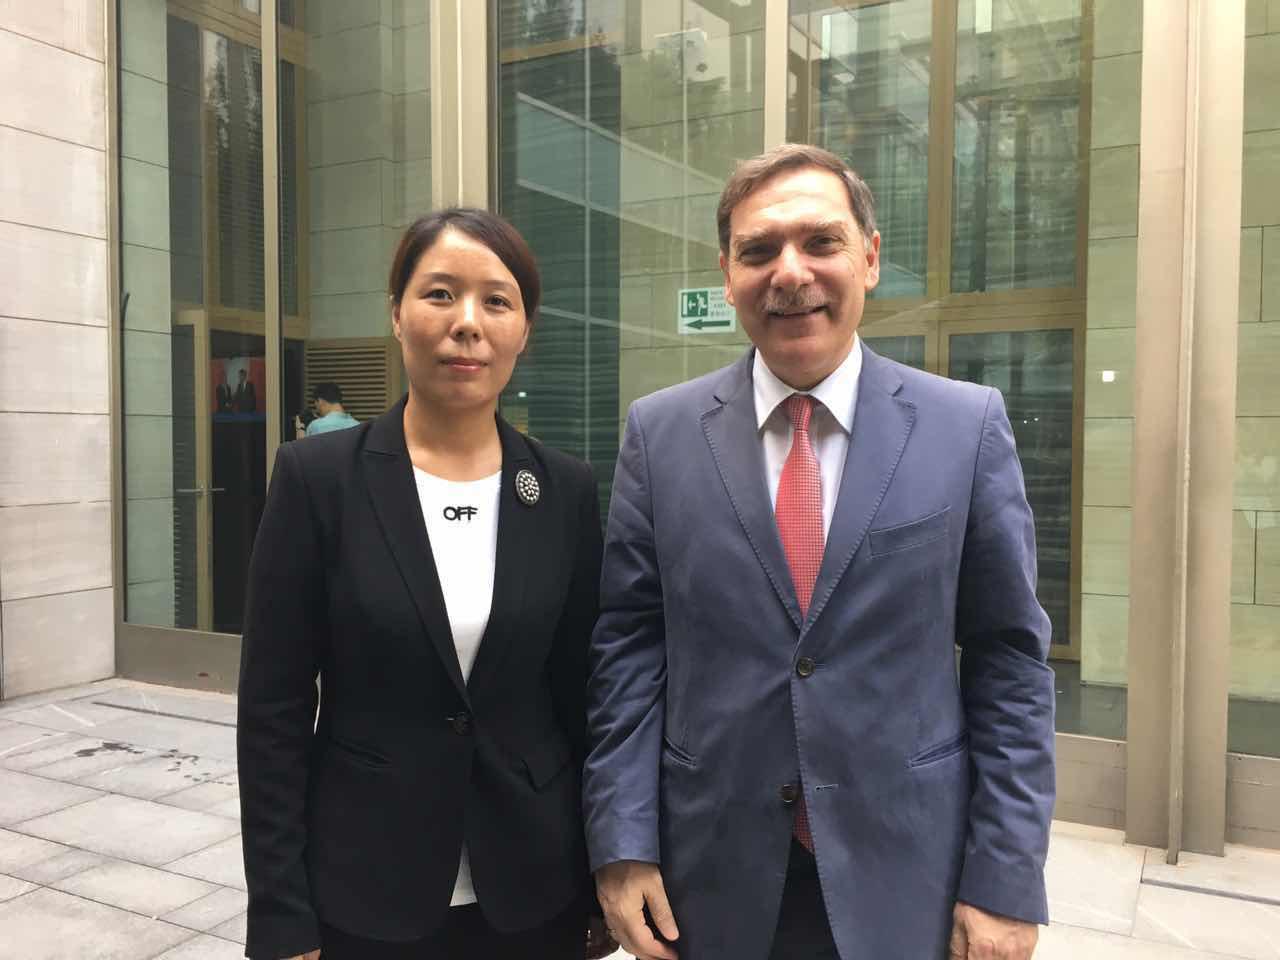 希腊驻华大使哈拉兰博斯·罗卡纳斯与组委会秘书长崔江红